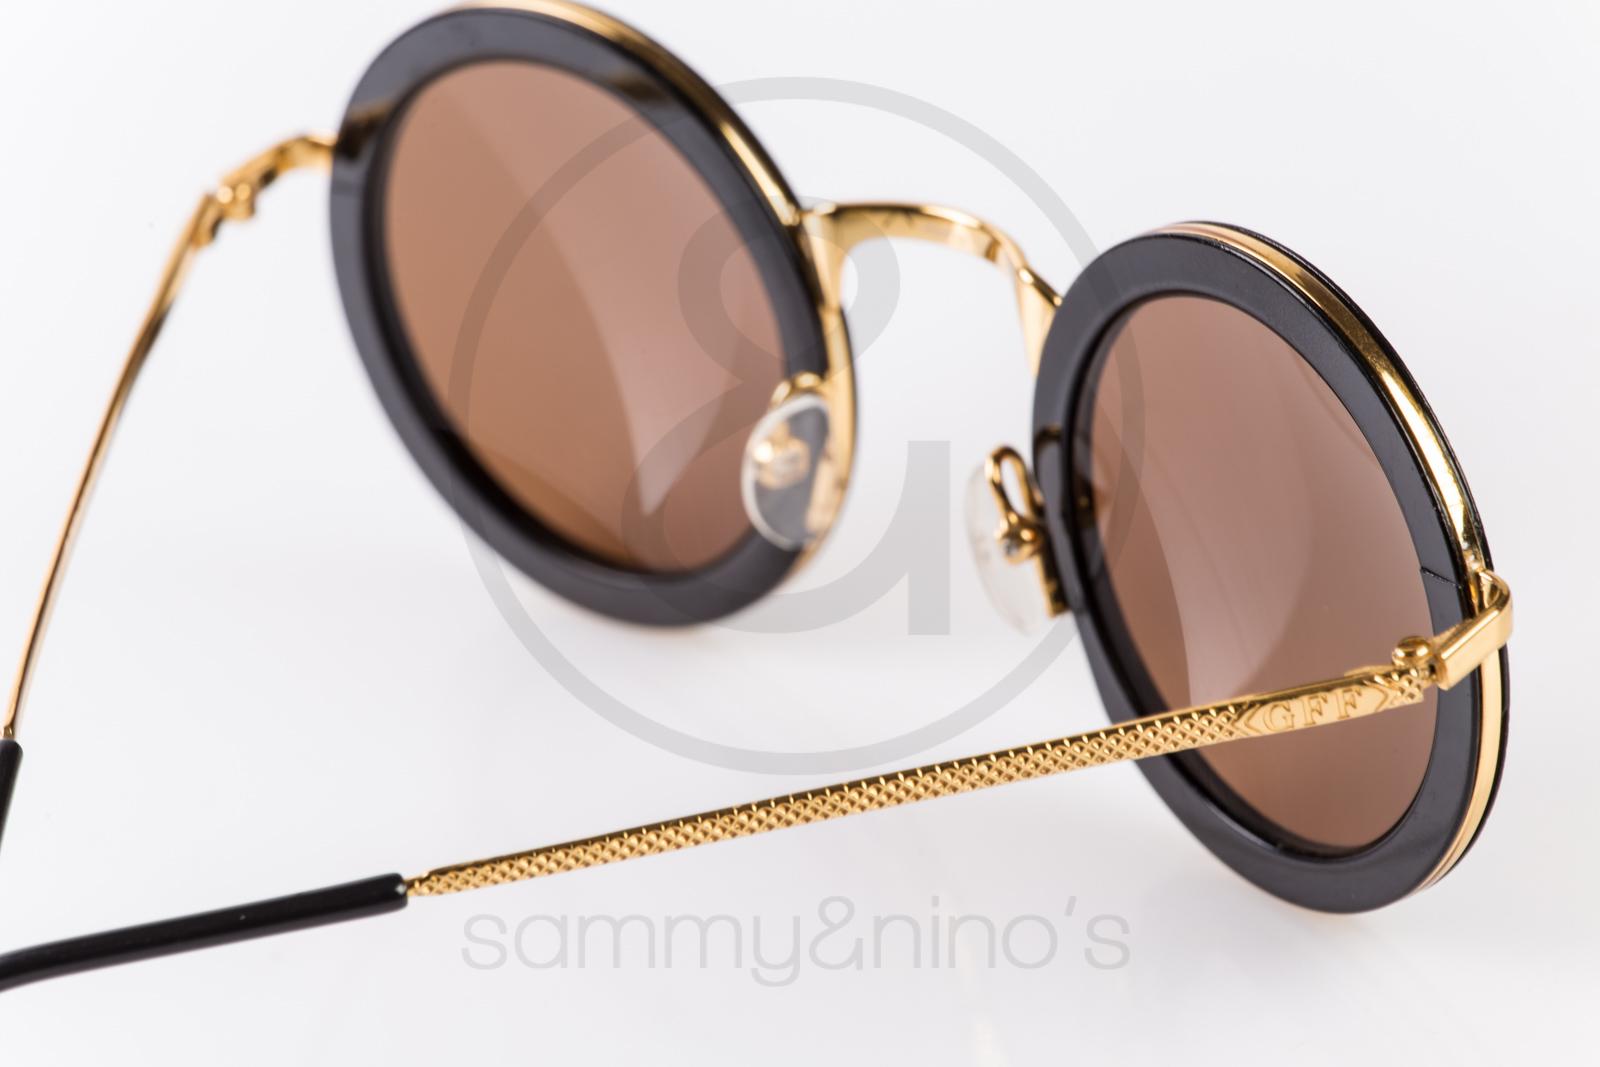 27995b48e7 Authentic Vintage GIANFRANCO FERRE Sunglasses GF87801 Black RARE. Previous   Next. HomeSTOREGianfranco Ferré .